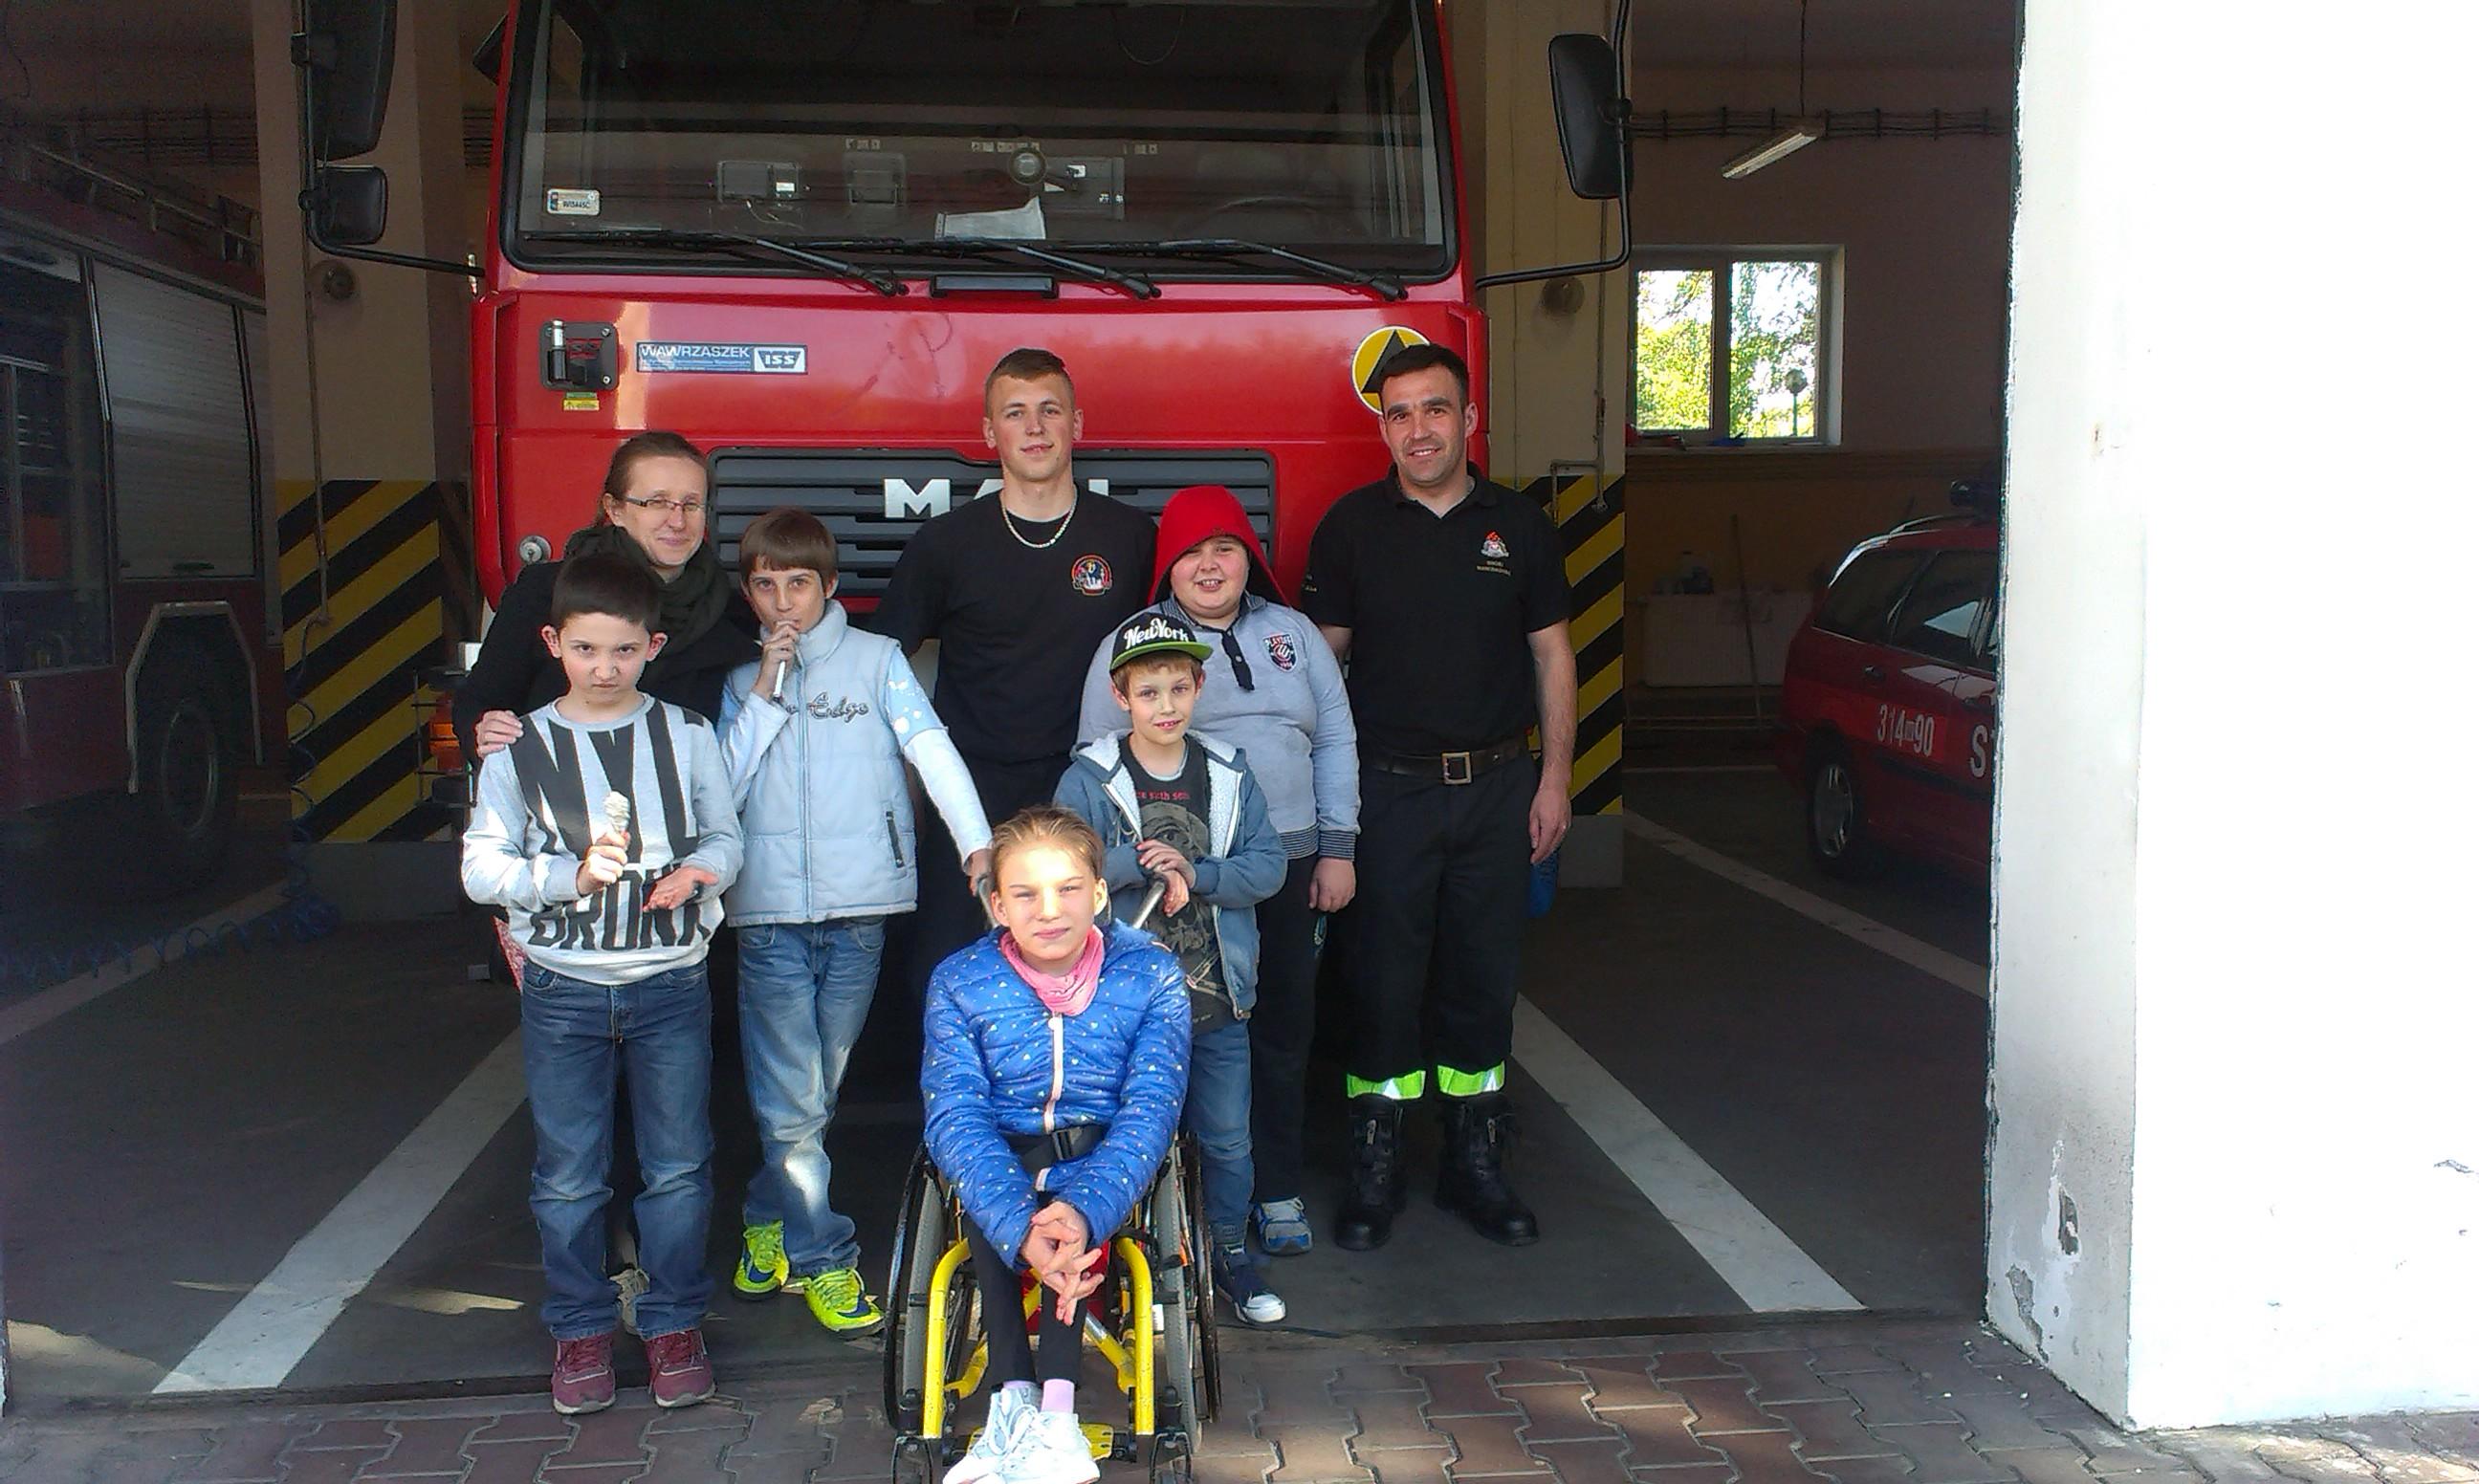 Wizyta w Jednostce Straży Pożarnej – wtorek 26 kwietnia